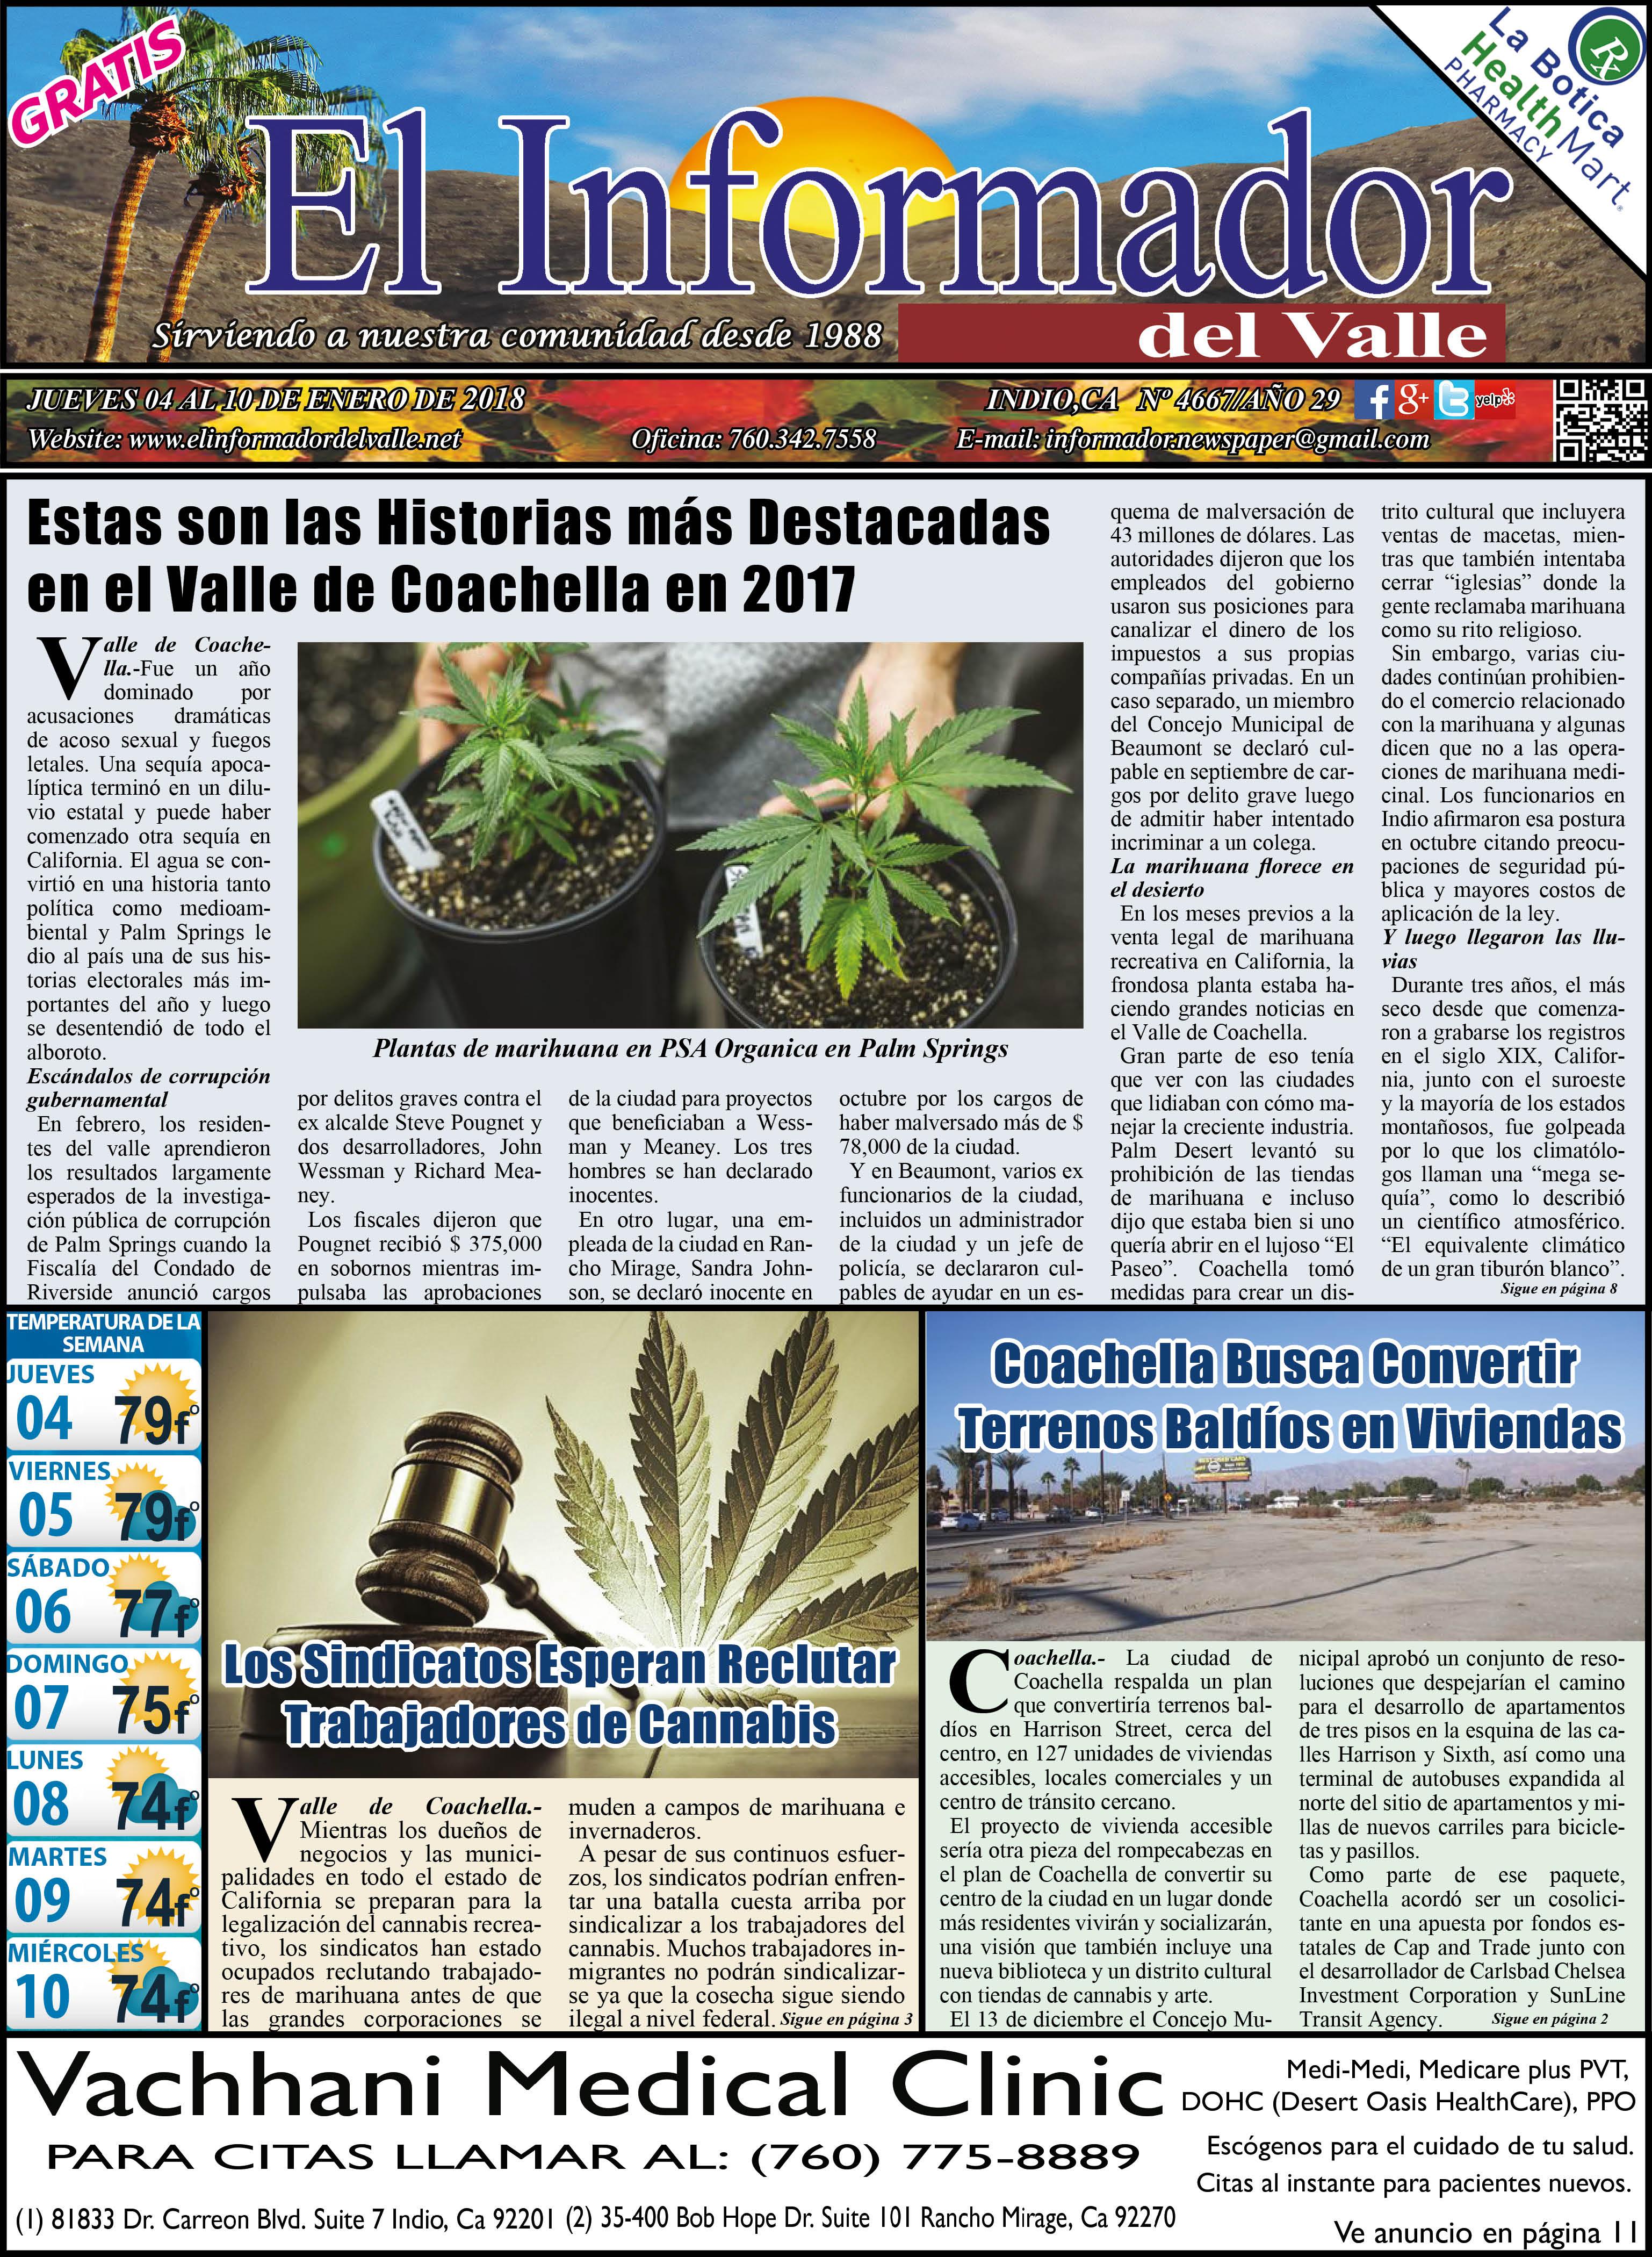 EL INFORMADOR DEL VALLE 01-04-2018